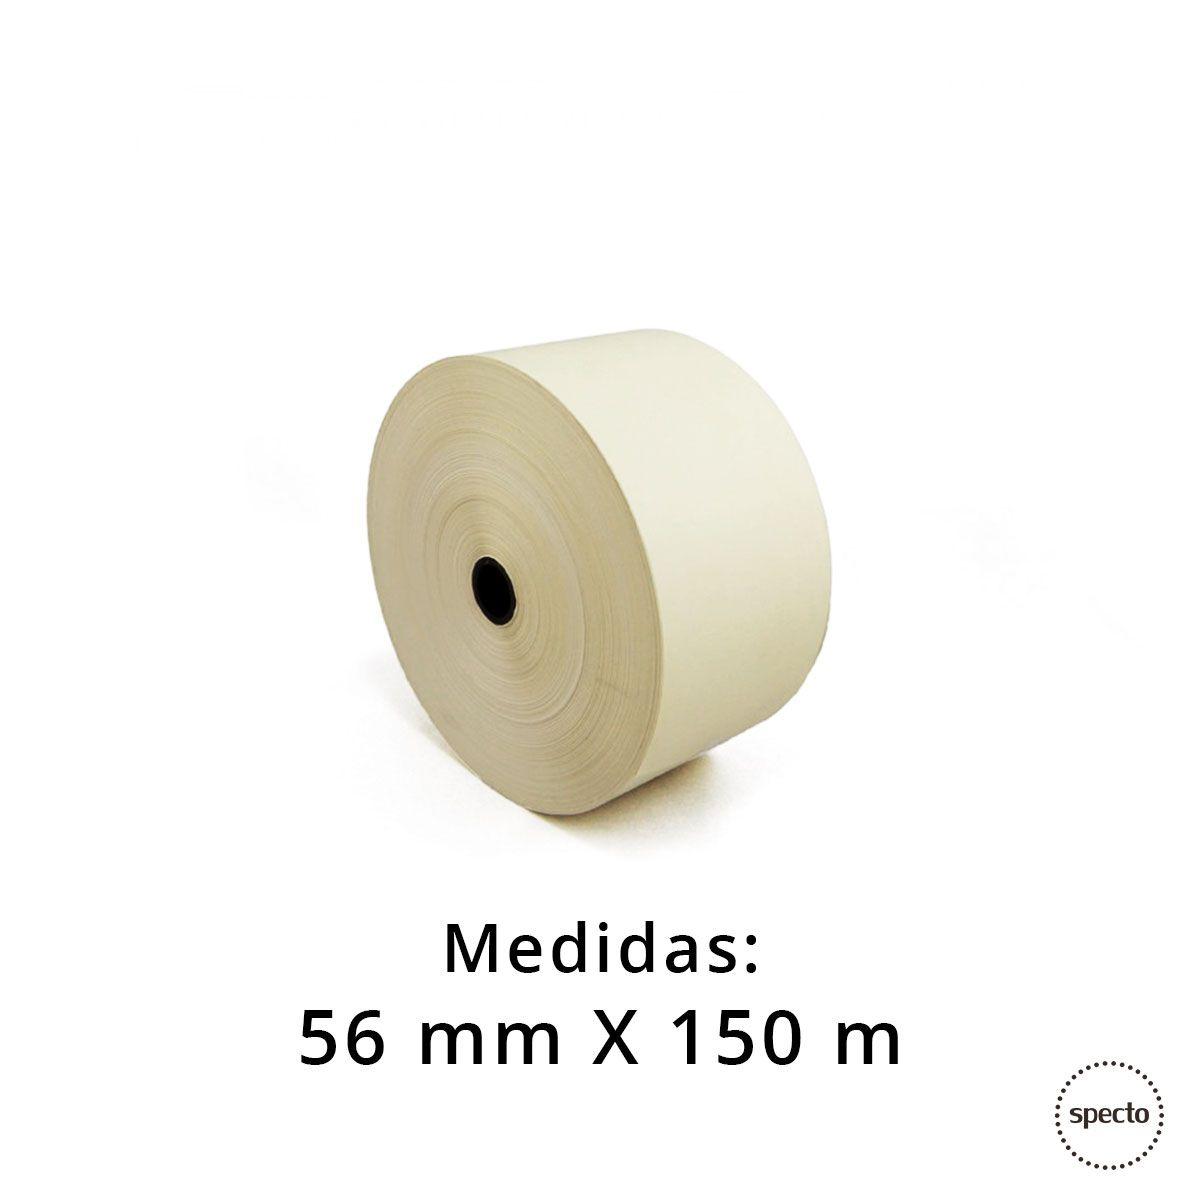 Bobina Térmica 56 mm x 150 m  -  Specto Tecnologia